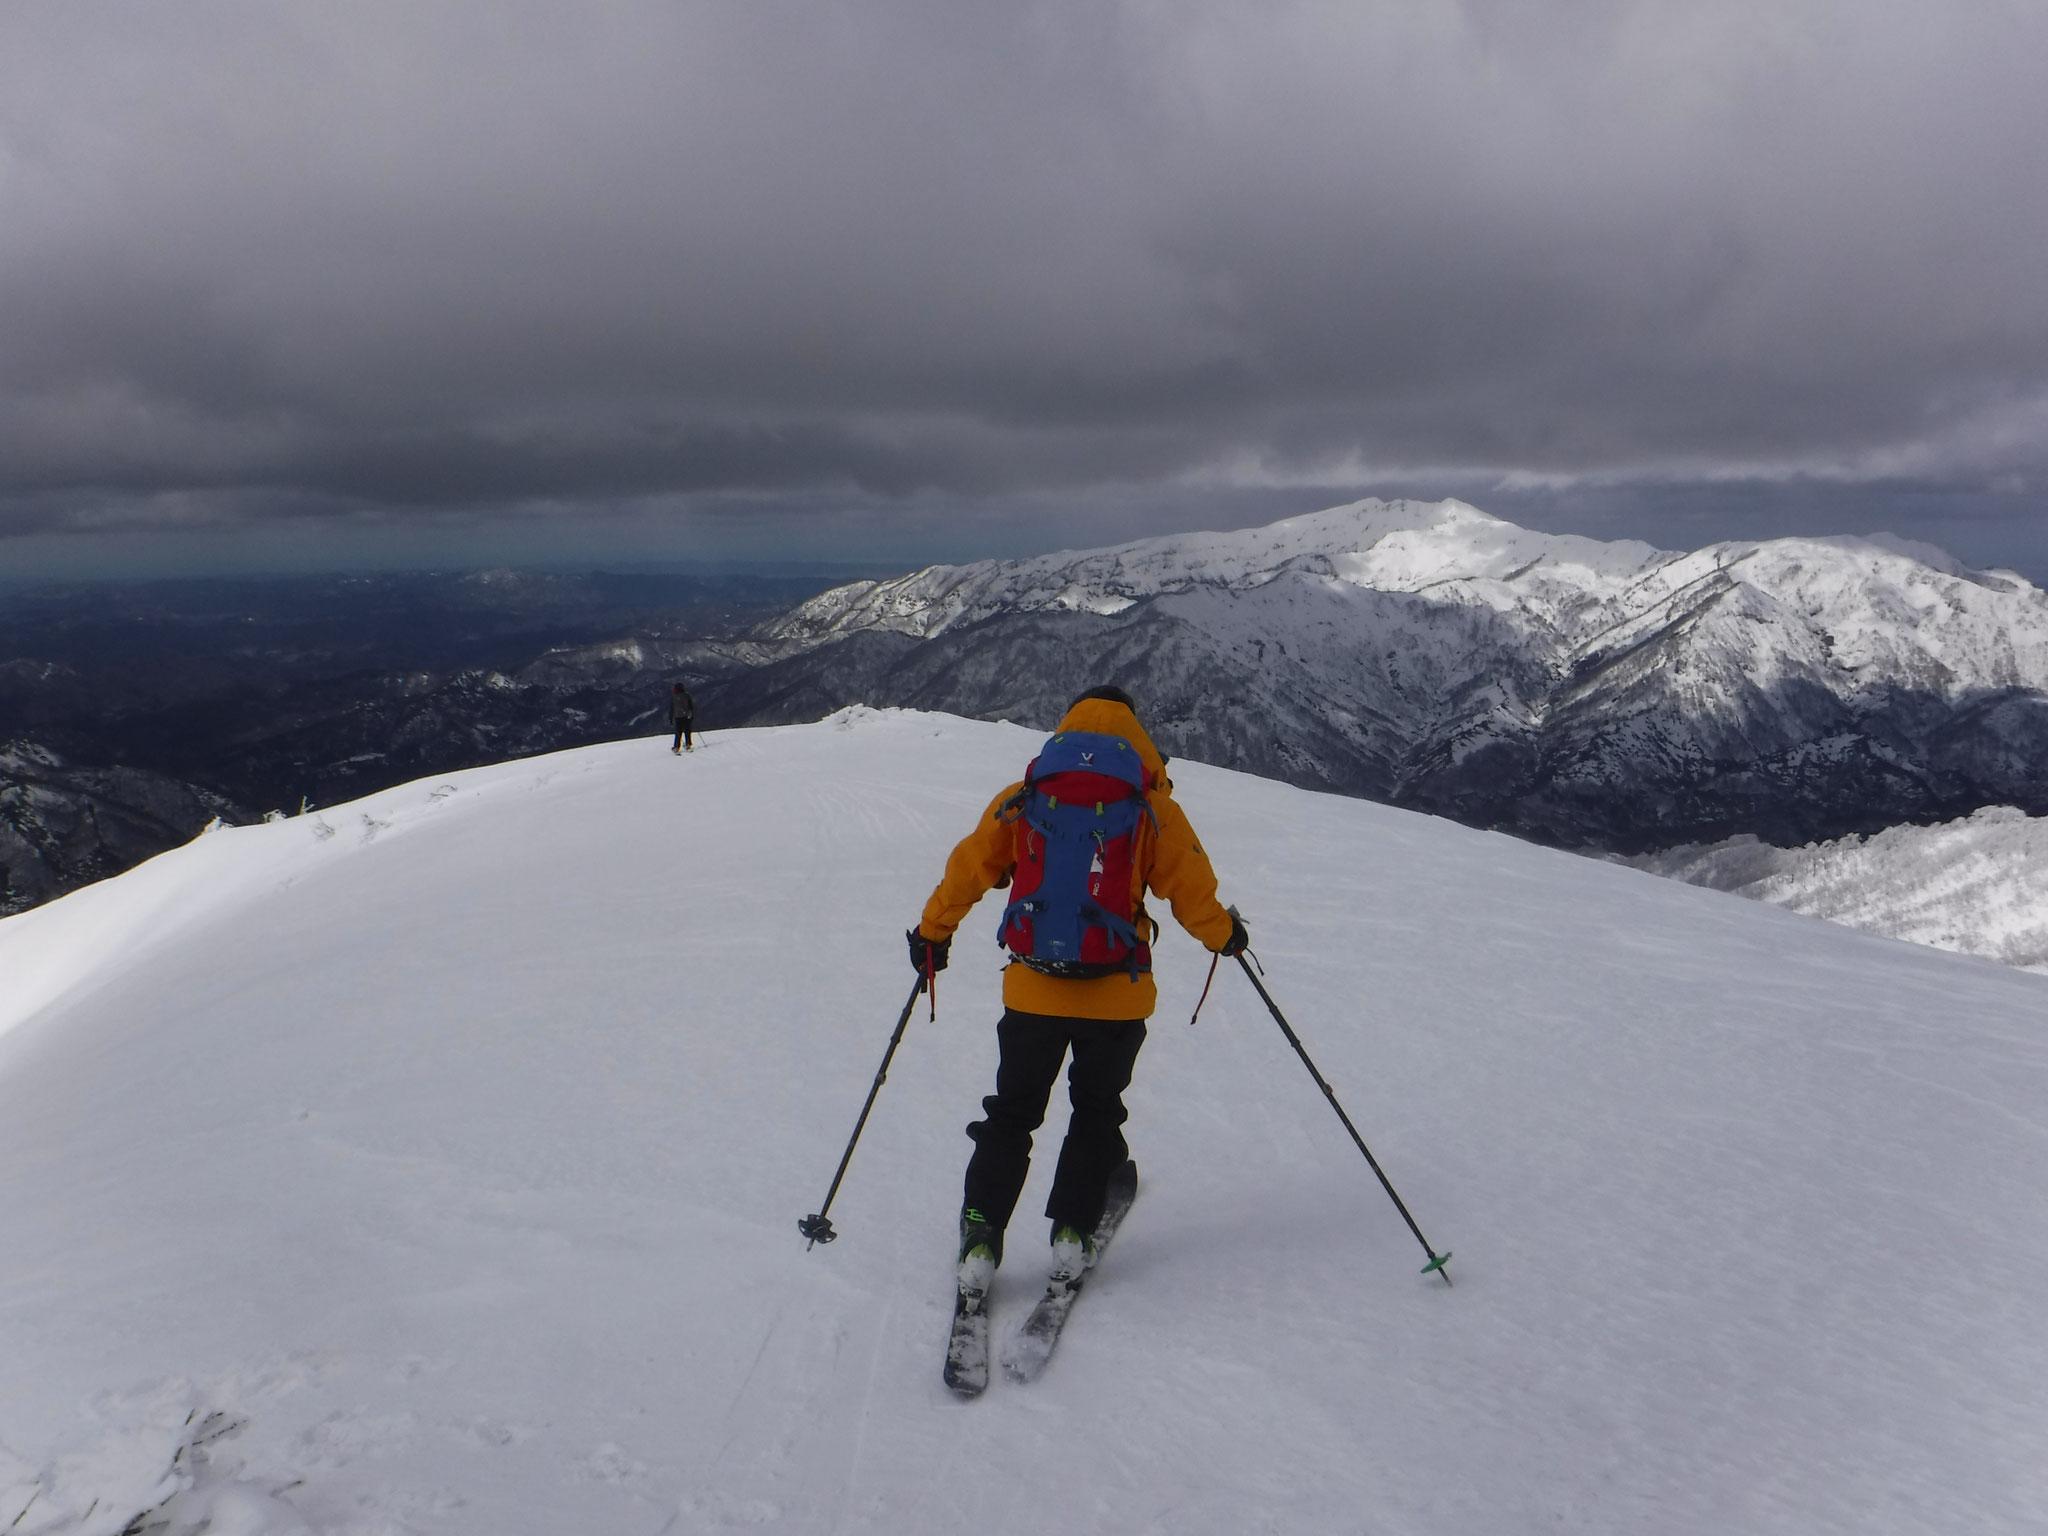 12:05 守門岳を正面に滑る